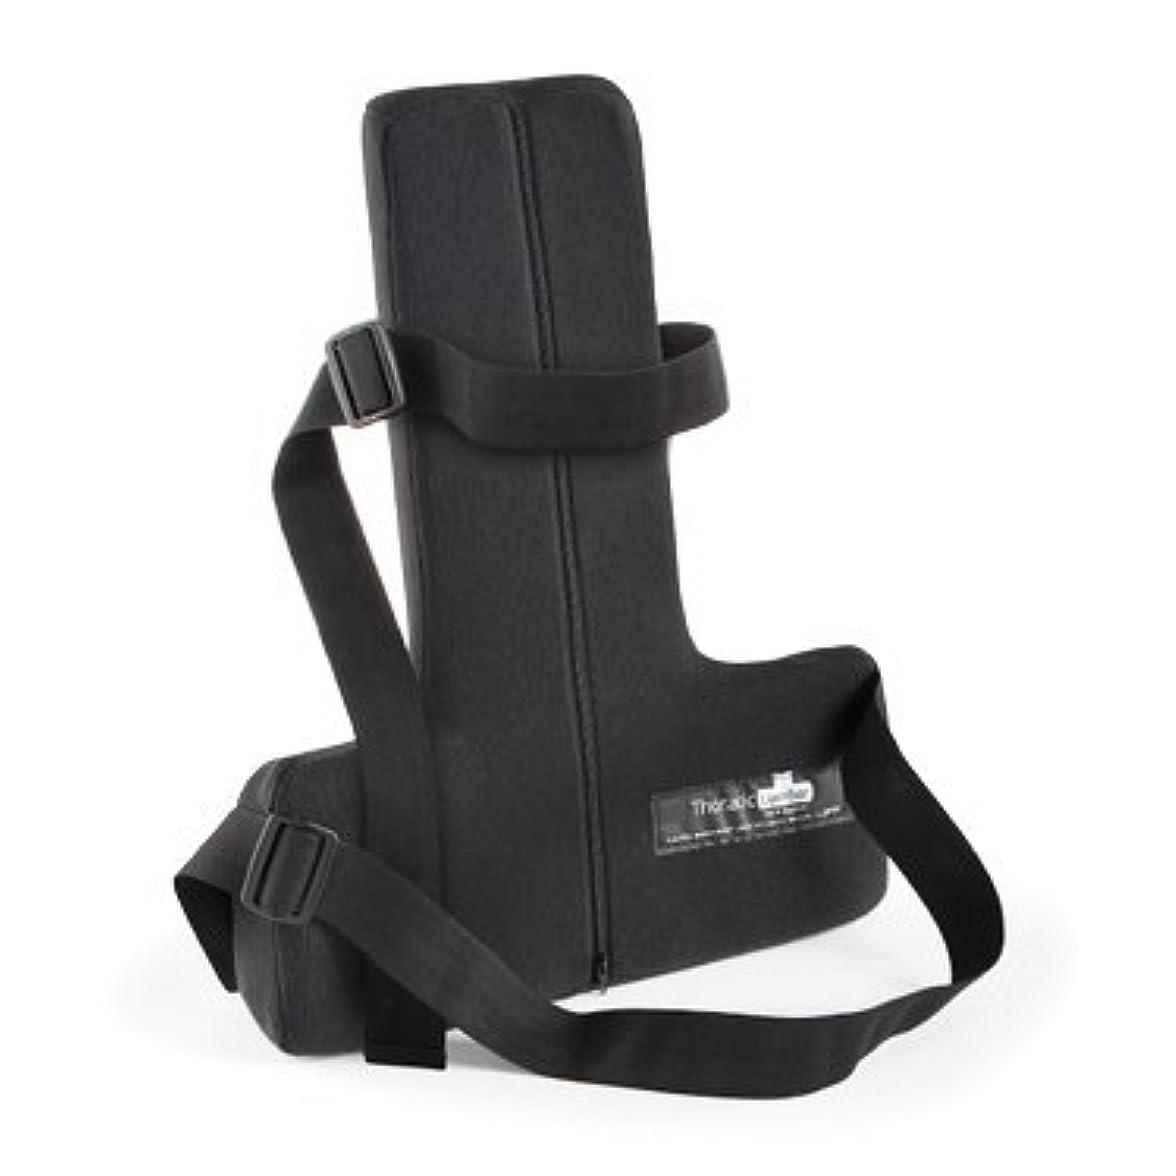 負常習者しなやかオーピーティー 自宅 車内 オフィス 椅子腰椎サポート 正しい姿勢で背中 肩 首への負担を減らすクッション